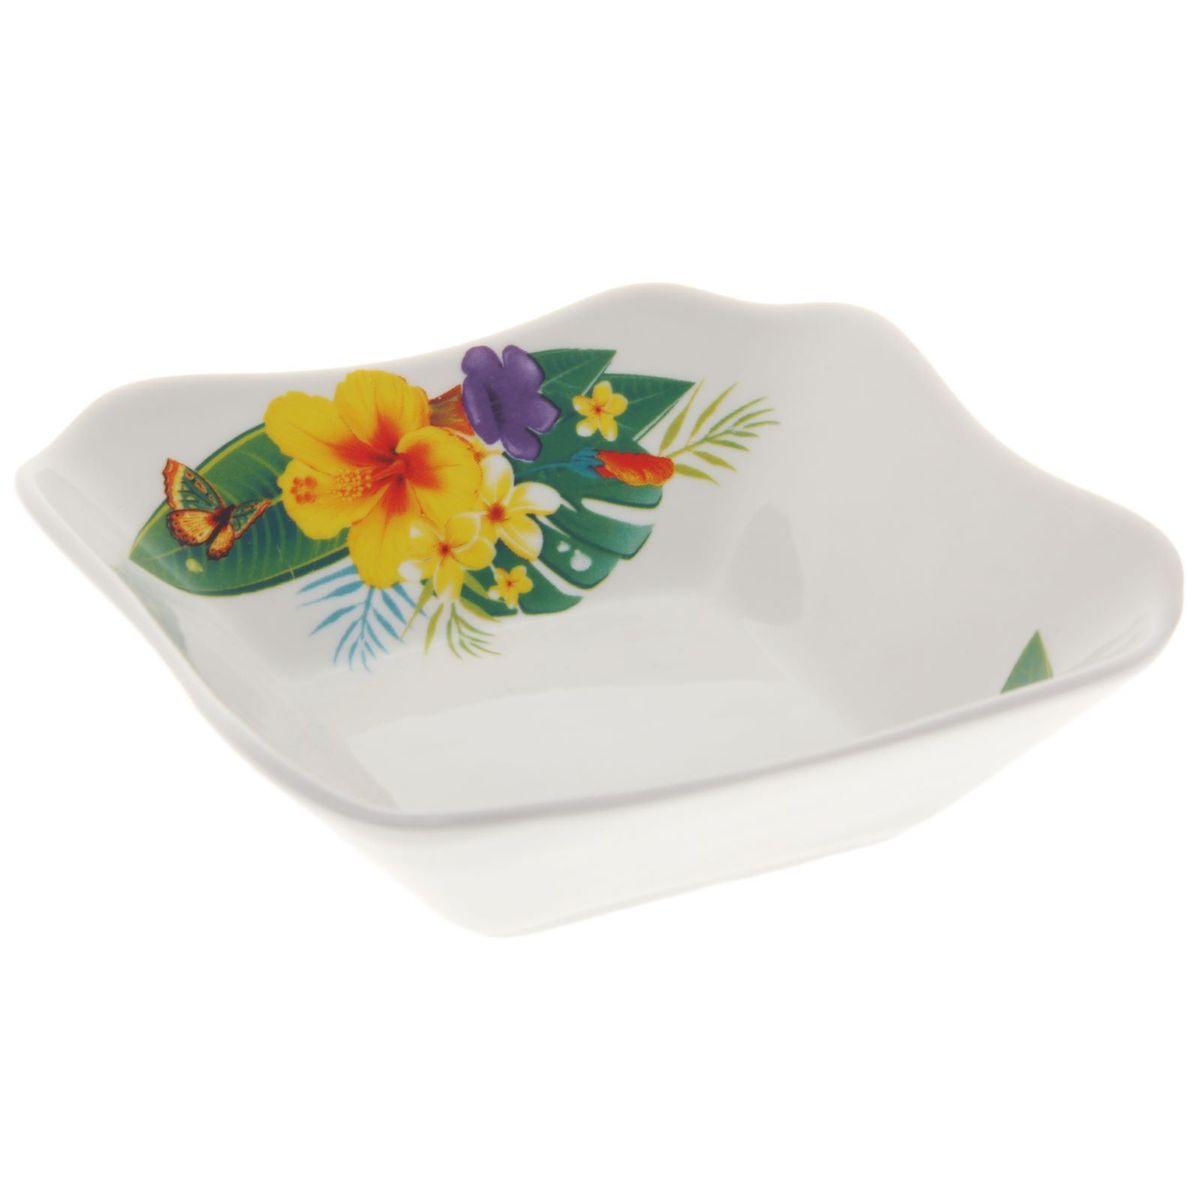 Салатник Райский остров, квадратный, 250 мл1303779Элегантный квадратный салатник Райский остров, изготовленный из высококачественного фарфора, прекрасно подойдет для подачи различных блюд: закусок, салатов или фруктов. Такой салатник украсит ваш праздничный или обеденный стол, а оригинальное исполнение понравится любой хозяйке.Размер салатника: 13,5 х 13,5 см.